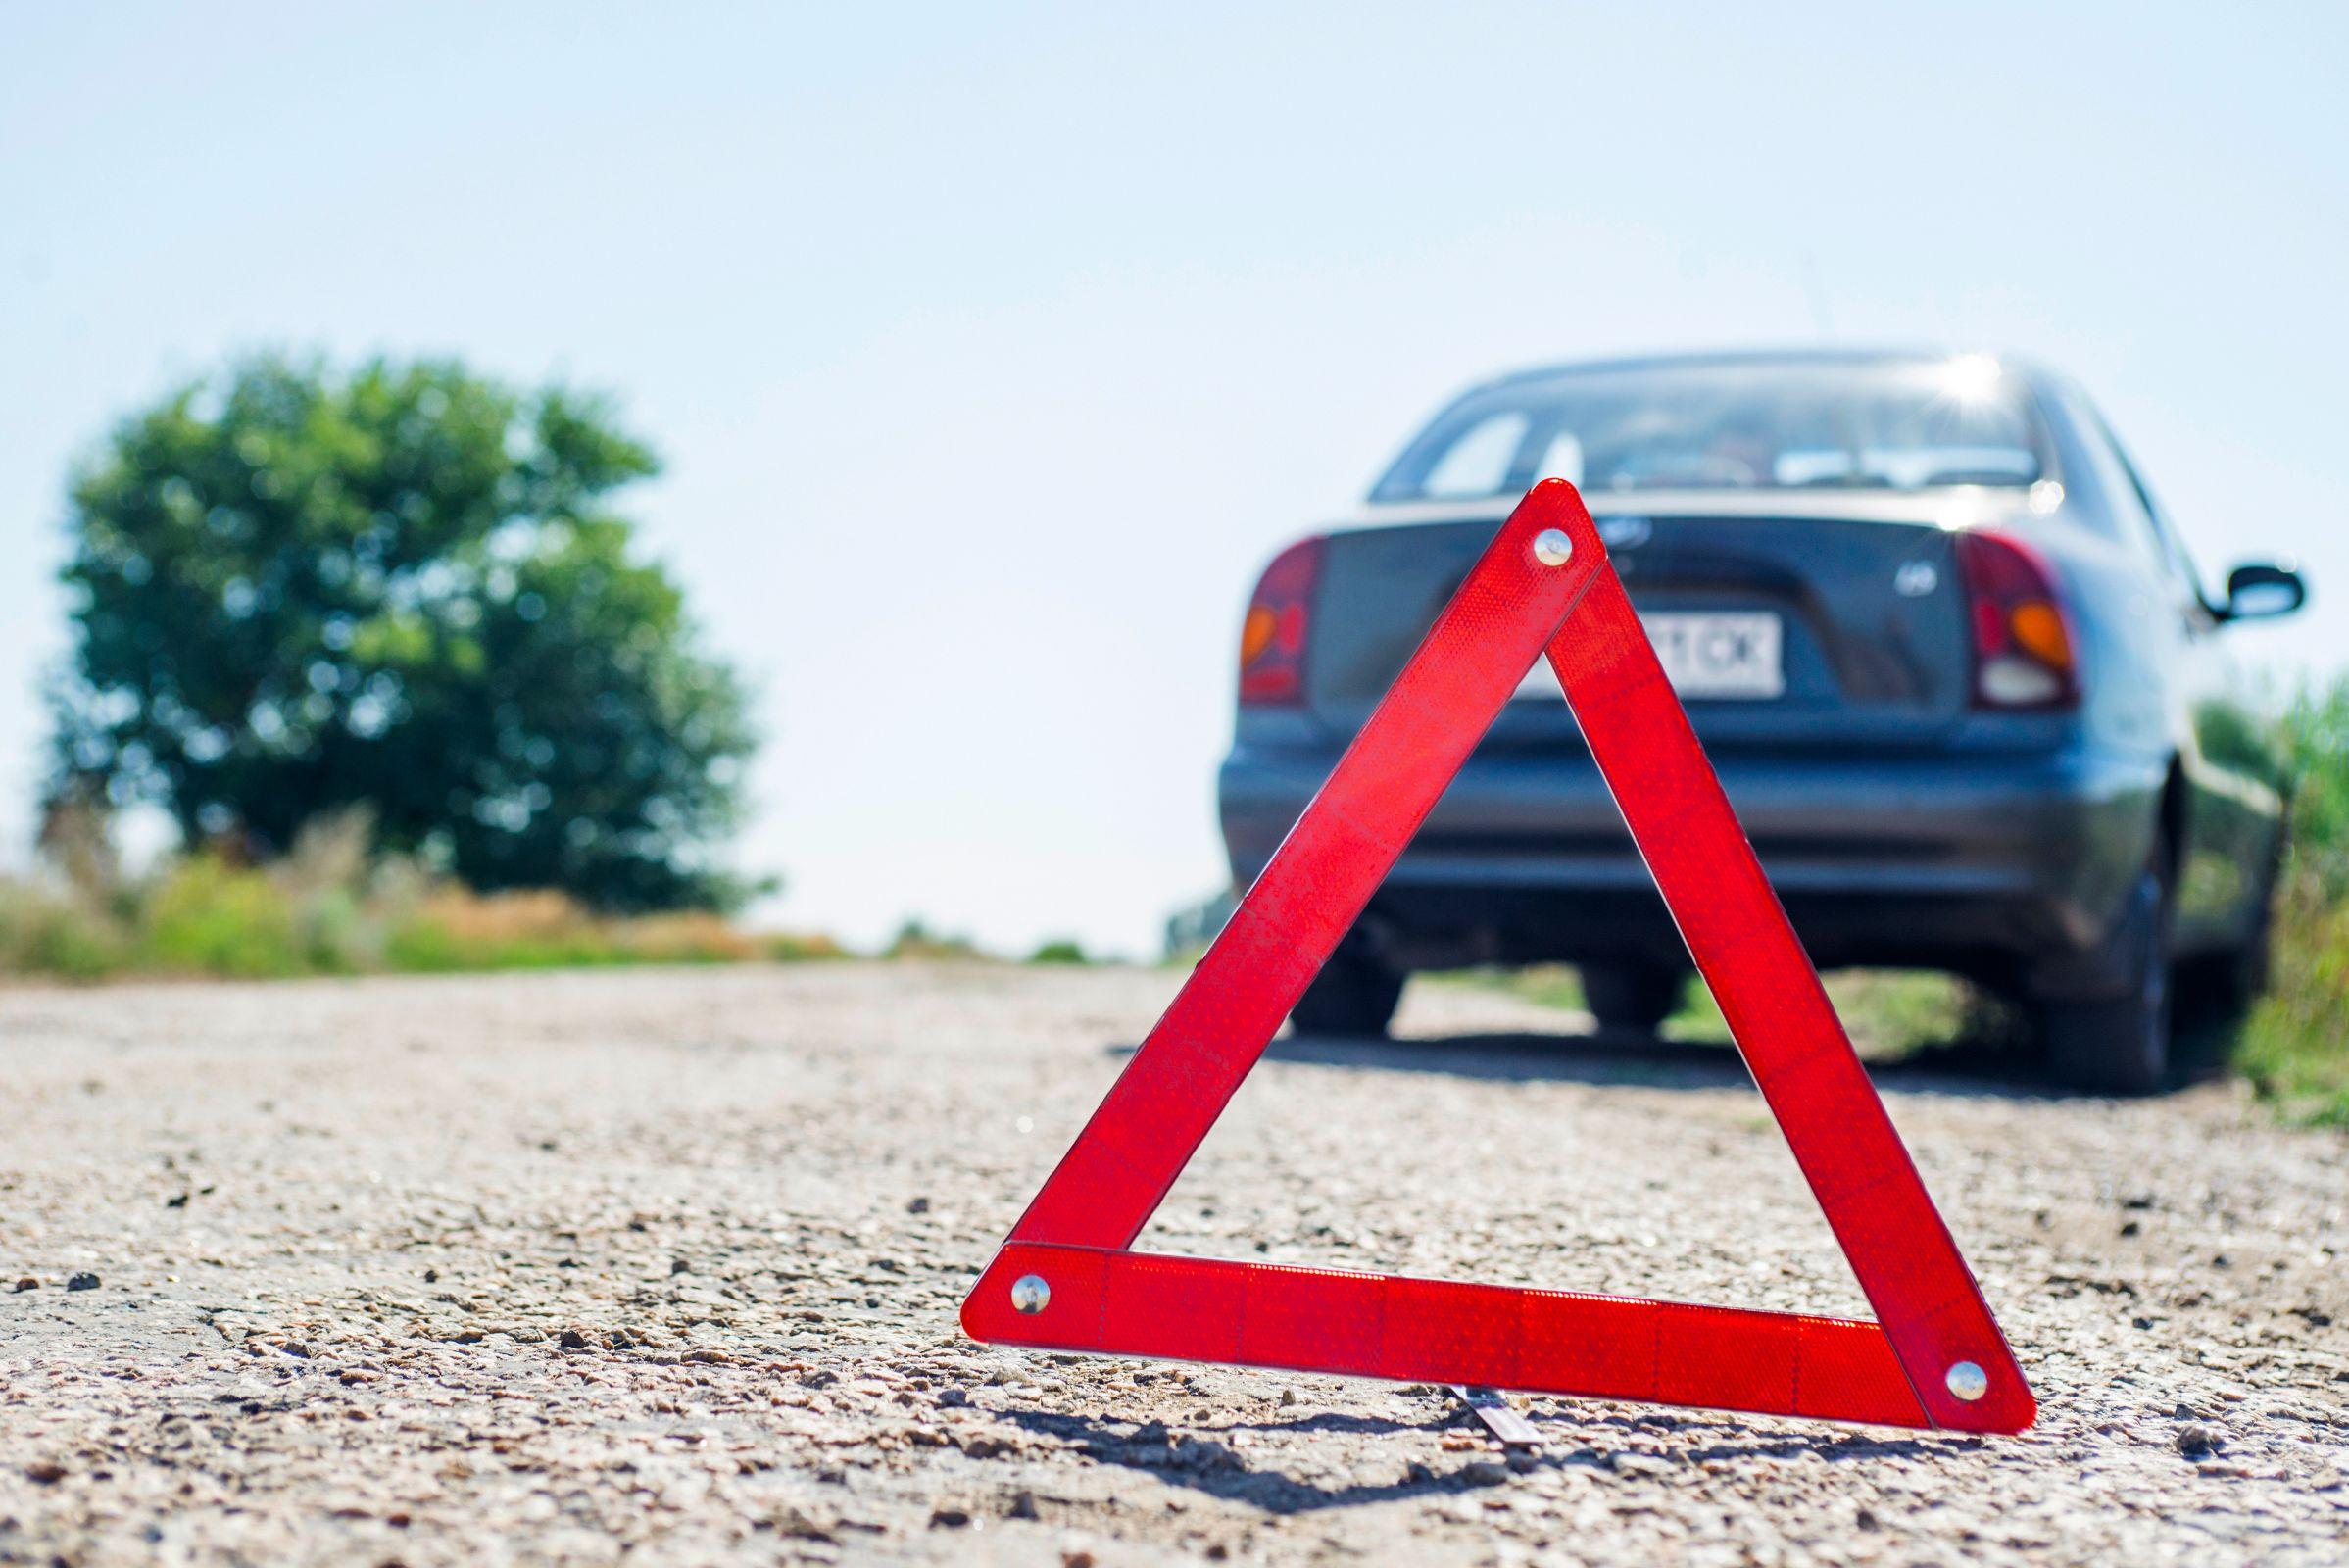 acidente de transito triangulo equipamento obrigatorio shutterstock